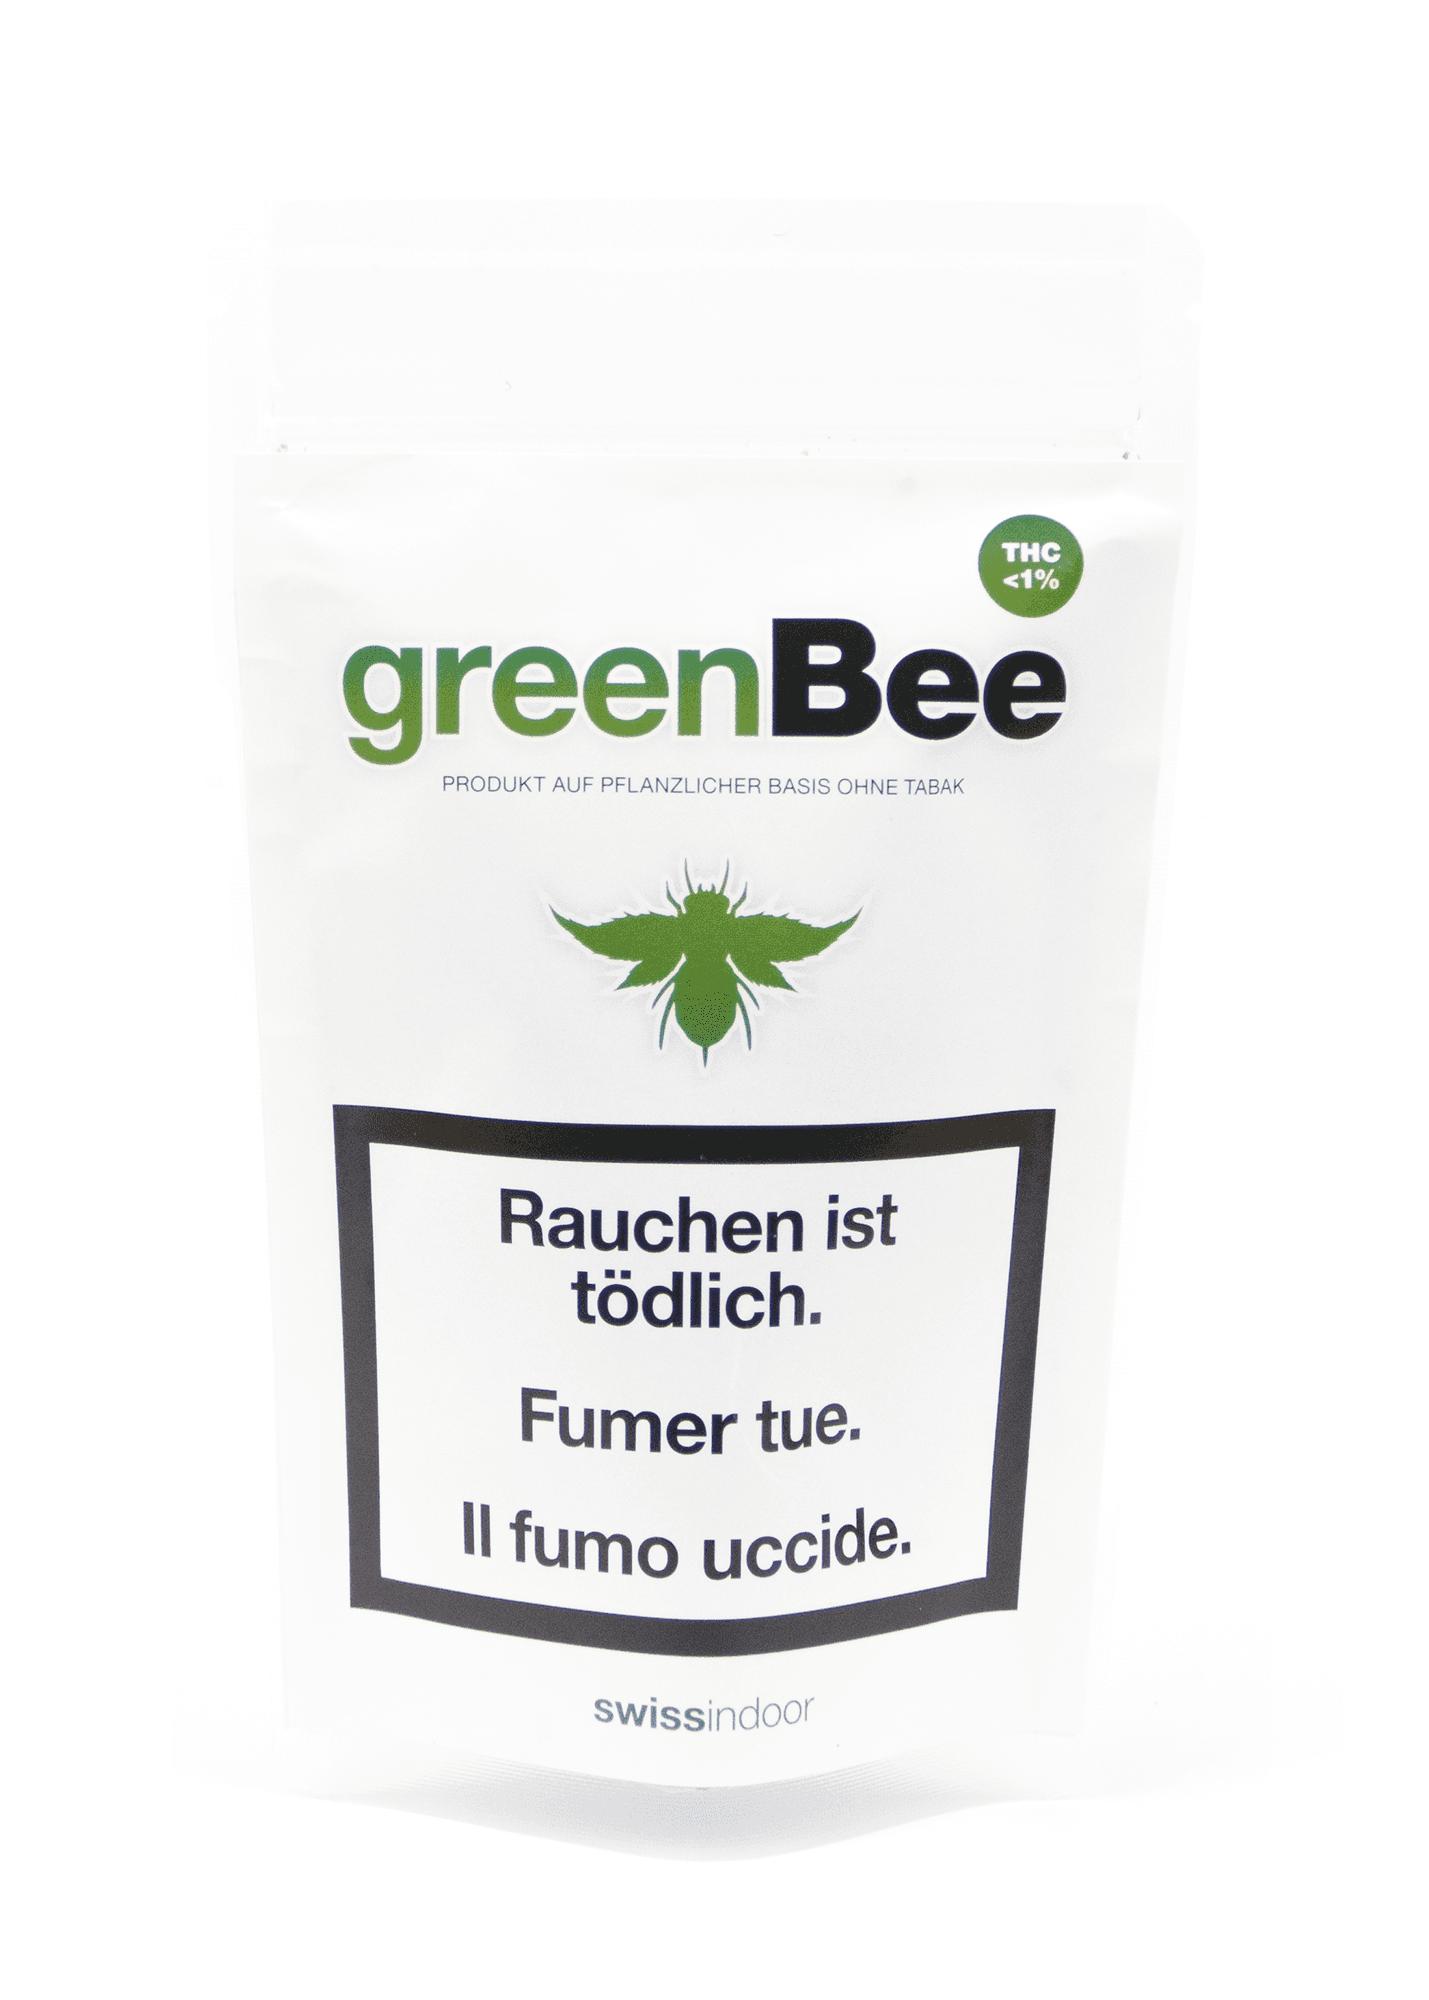 GreenBee Gras Weed CBD Hanf Schweiz online kaufen